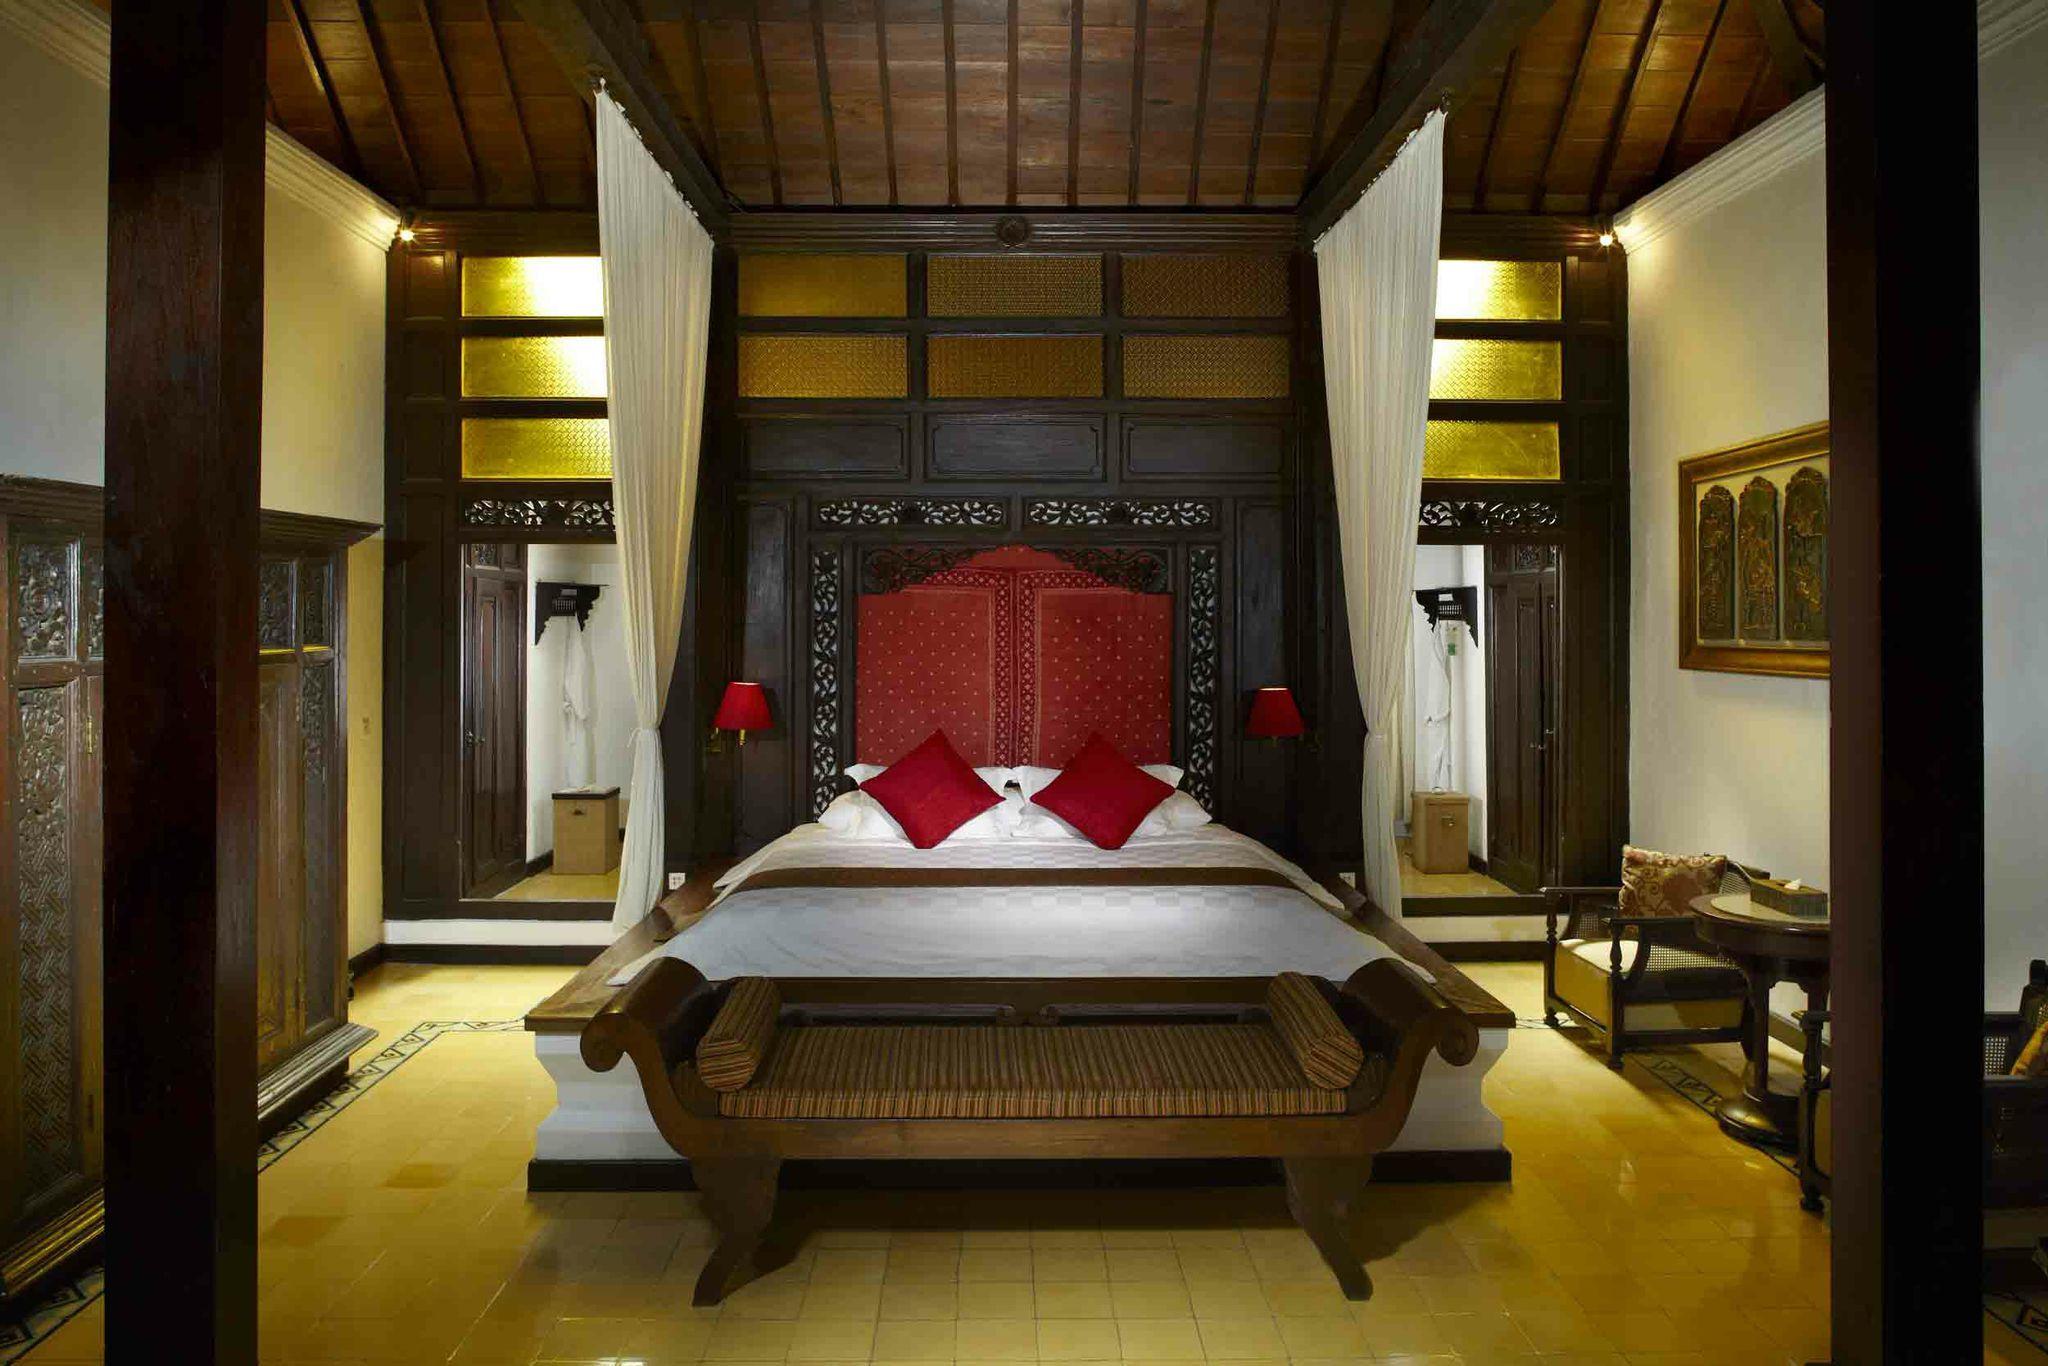 MesaStila Resort, Magelang Central Java Central java